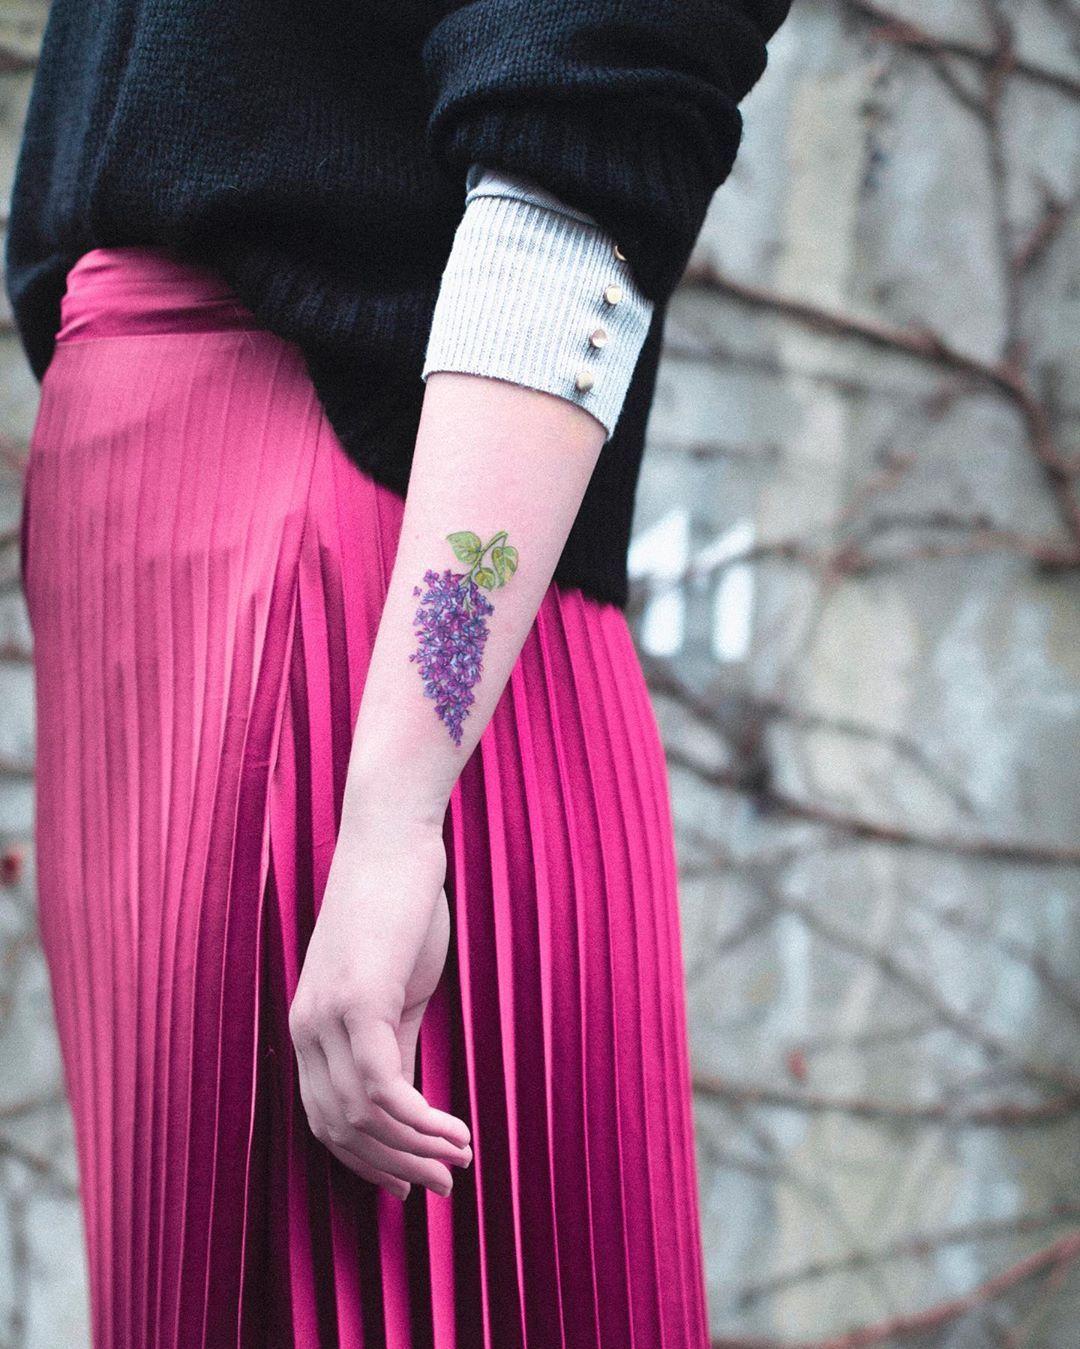 ✨ @_homearmy_ ✨ 📸 @matkoboska  #łódź#łdz#eudezet#offpiotrkowska#tattoo#illustrationblackworkers#blackwork#tattrx#darkartists#polishgirl#inkstinctsubmission#inkedmag#taot#tatts#tattooed#tattoodo#blackwork#equilattera#blacktattoomag#blacktartoo#tattoo#blacktattooart#blackworkerssubmission#wowtattoo#onlyblackart#blxckink#xtatts#theartoftattoos#onlyblackart#btattooing#polandtattoos#balmtattoopolska